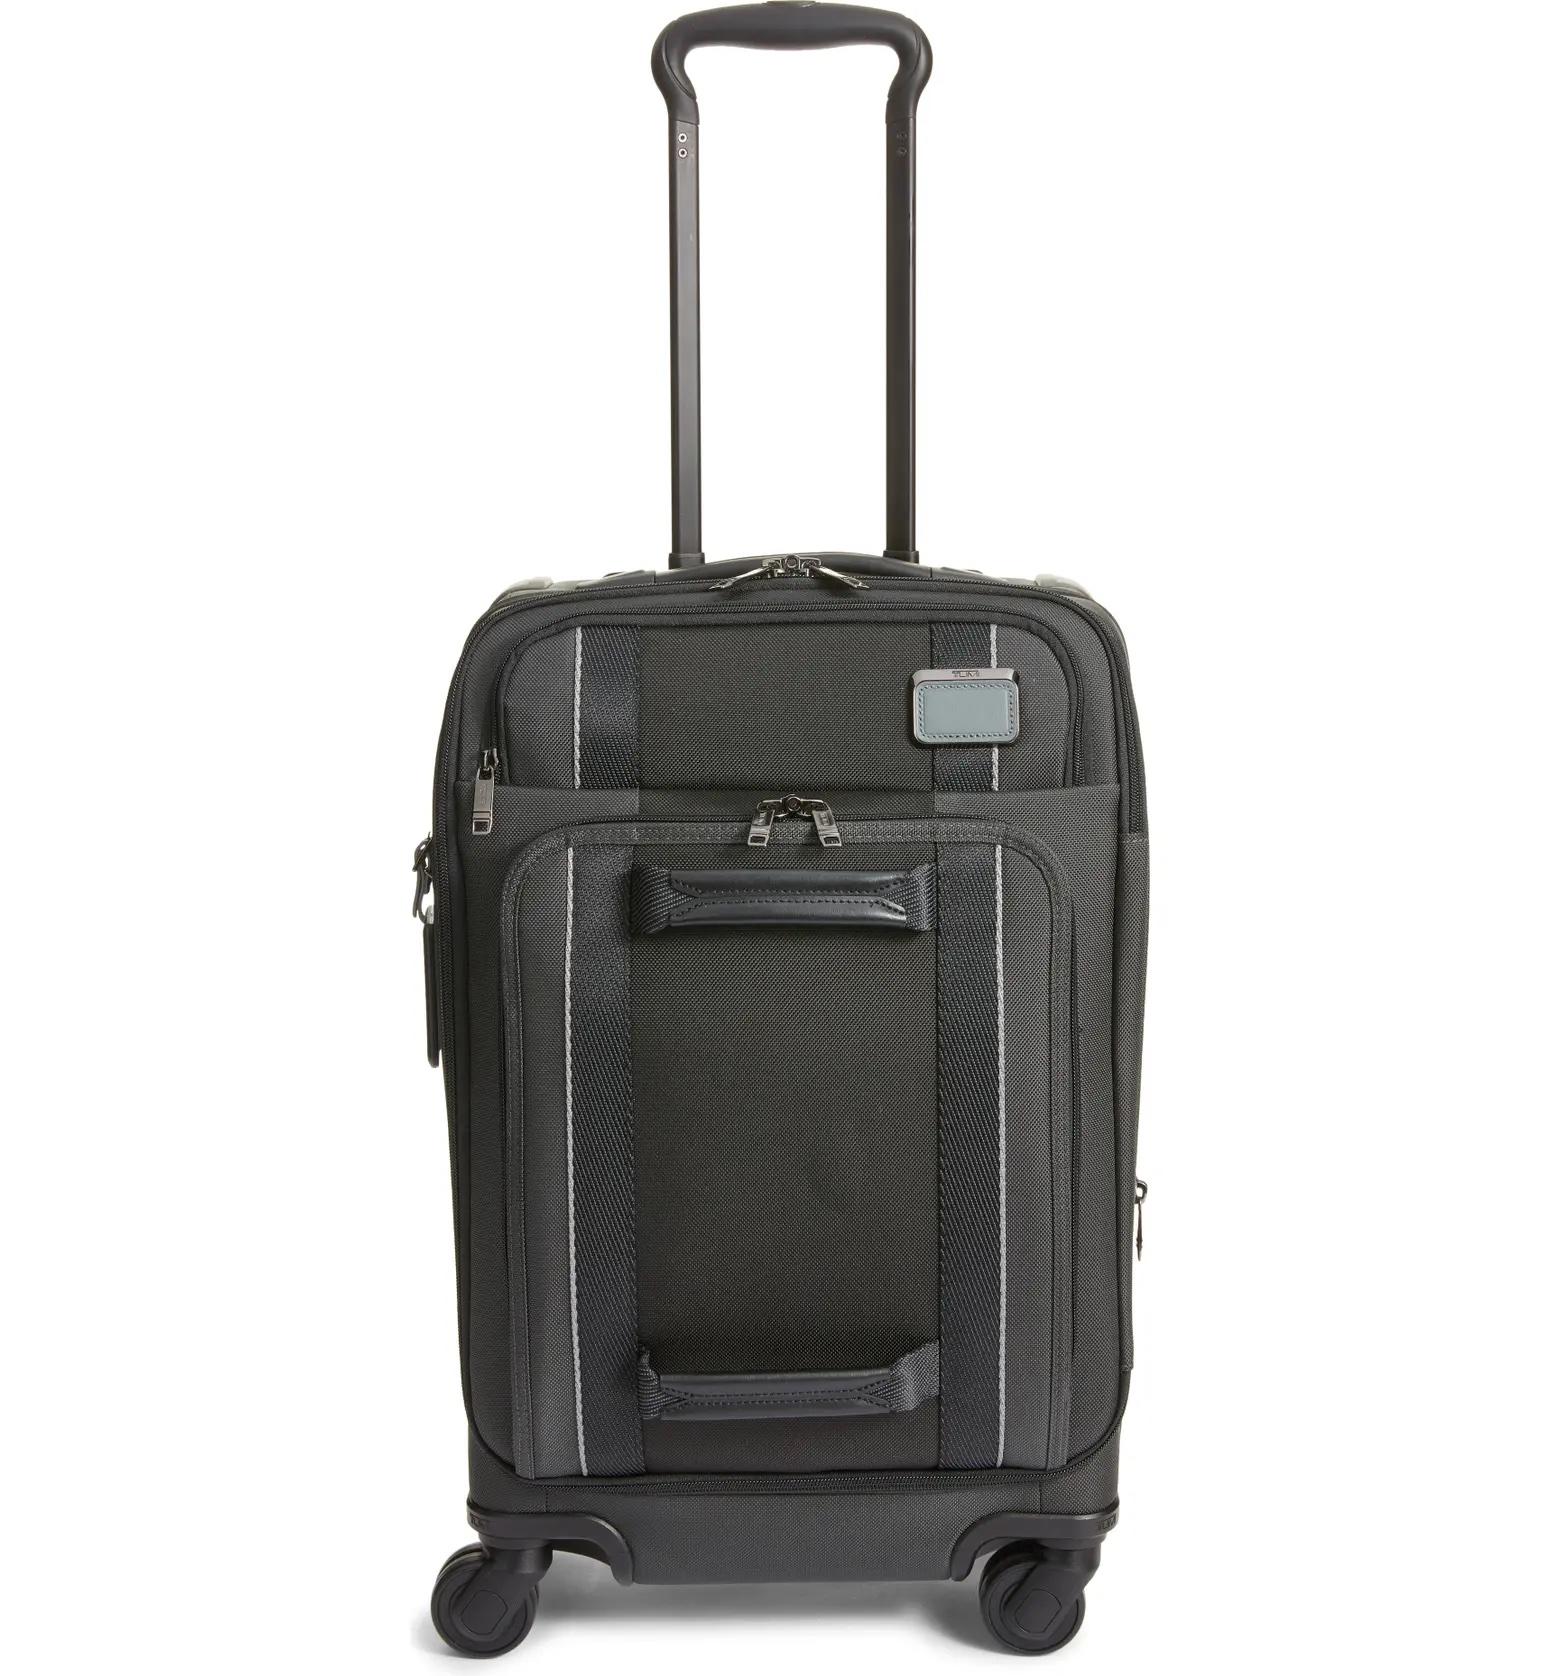 Tumi carryon luggage.